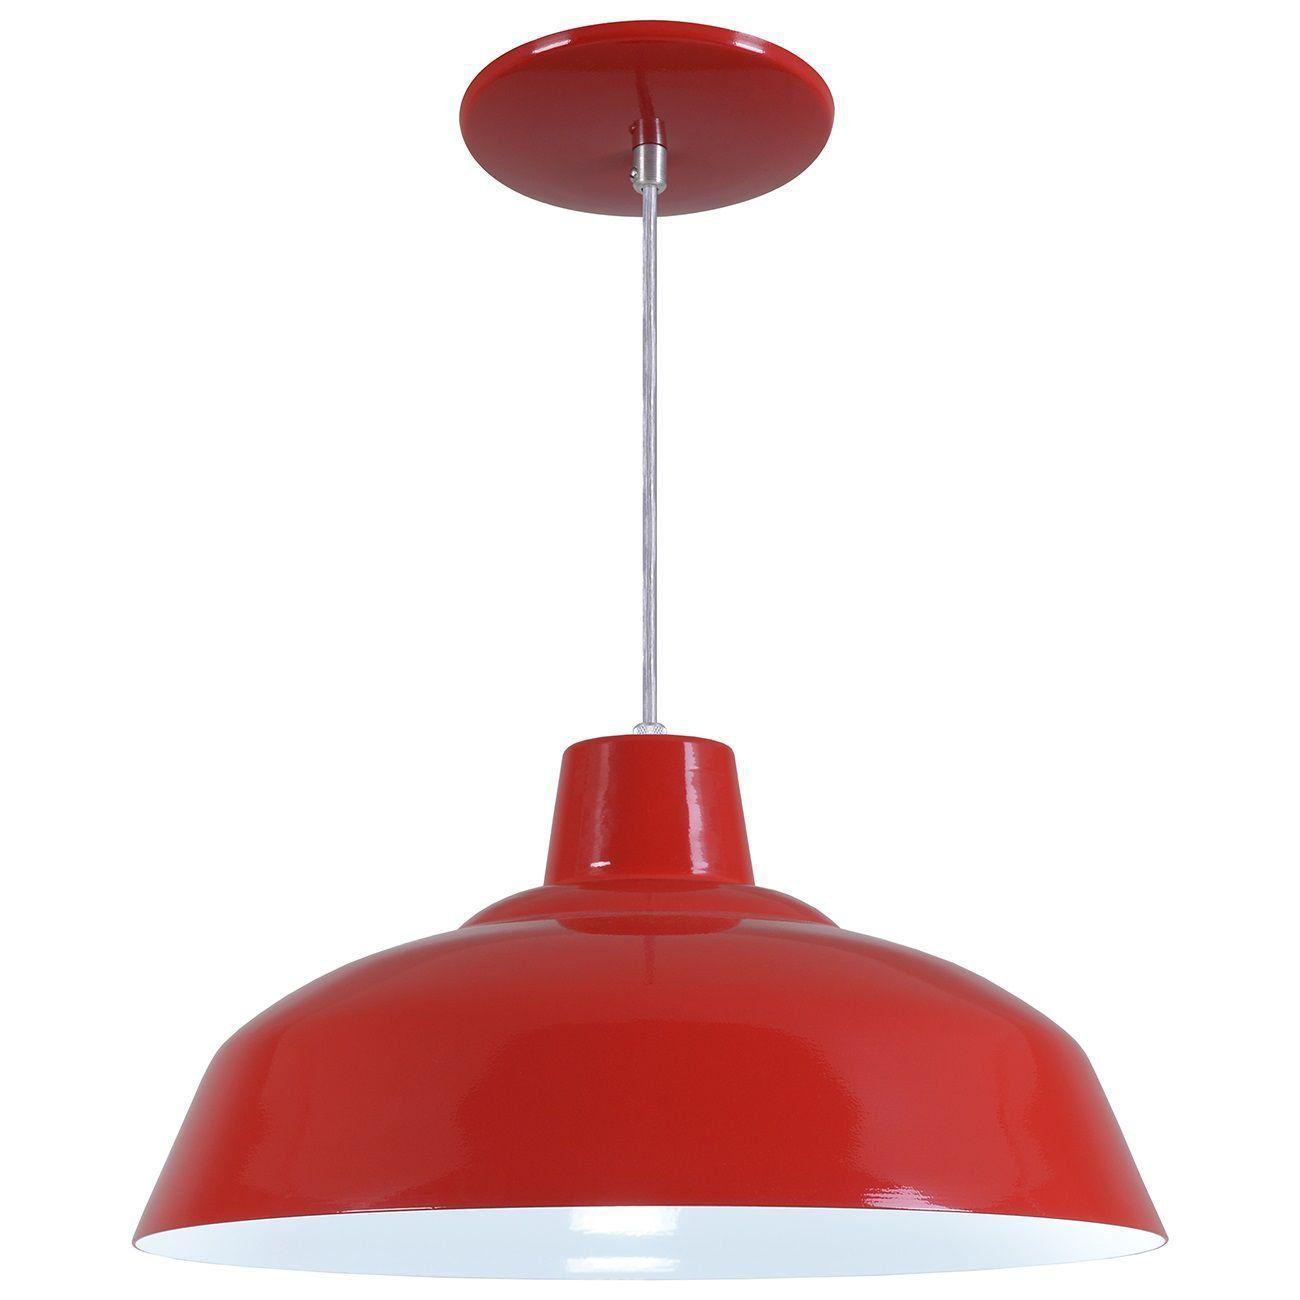 Pendente Retrô 34cm Luminária Lustre Alumínio Vermelho - Rei Da Iluminação